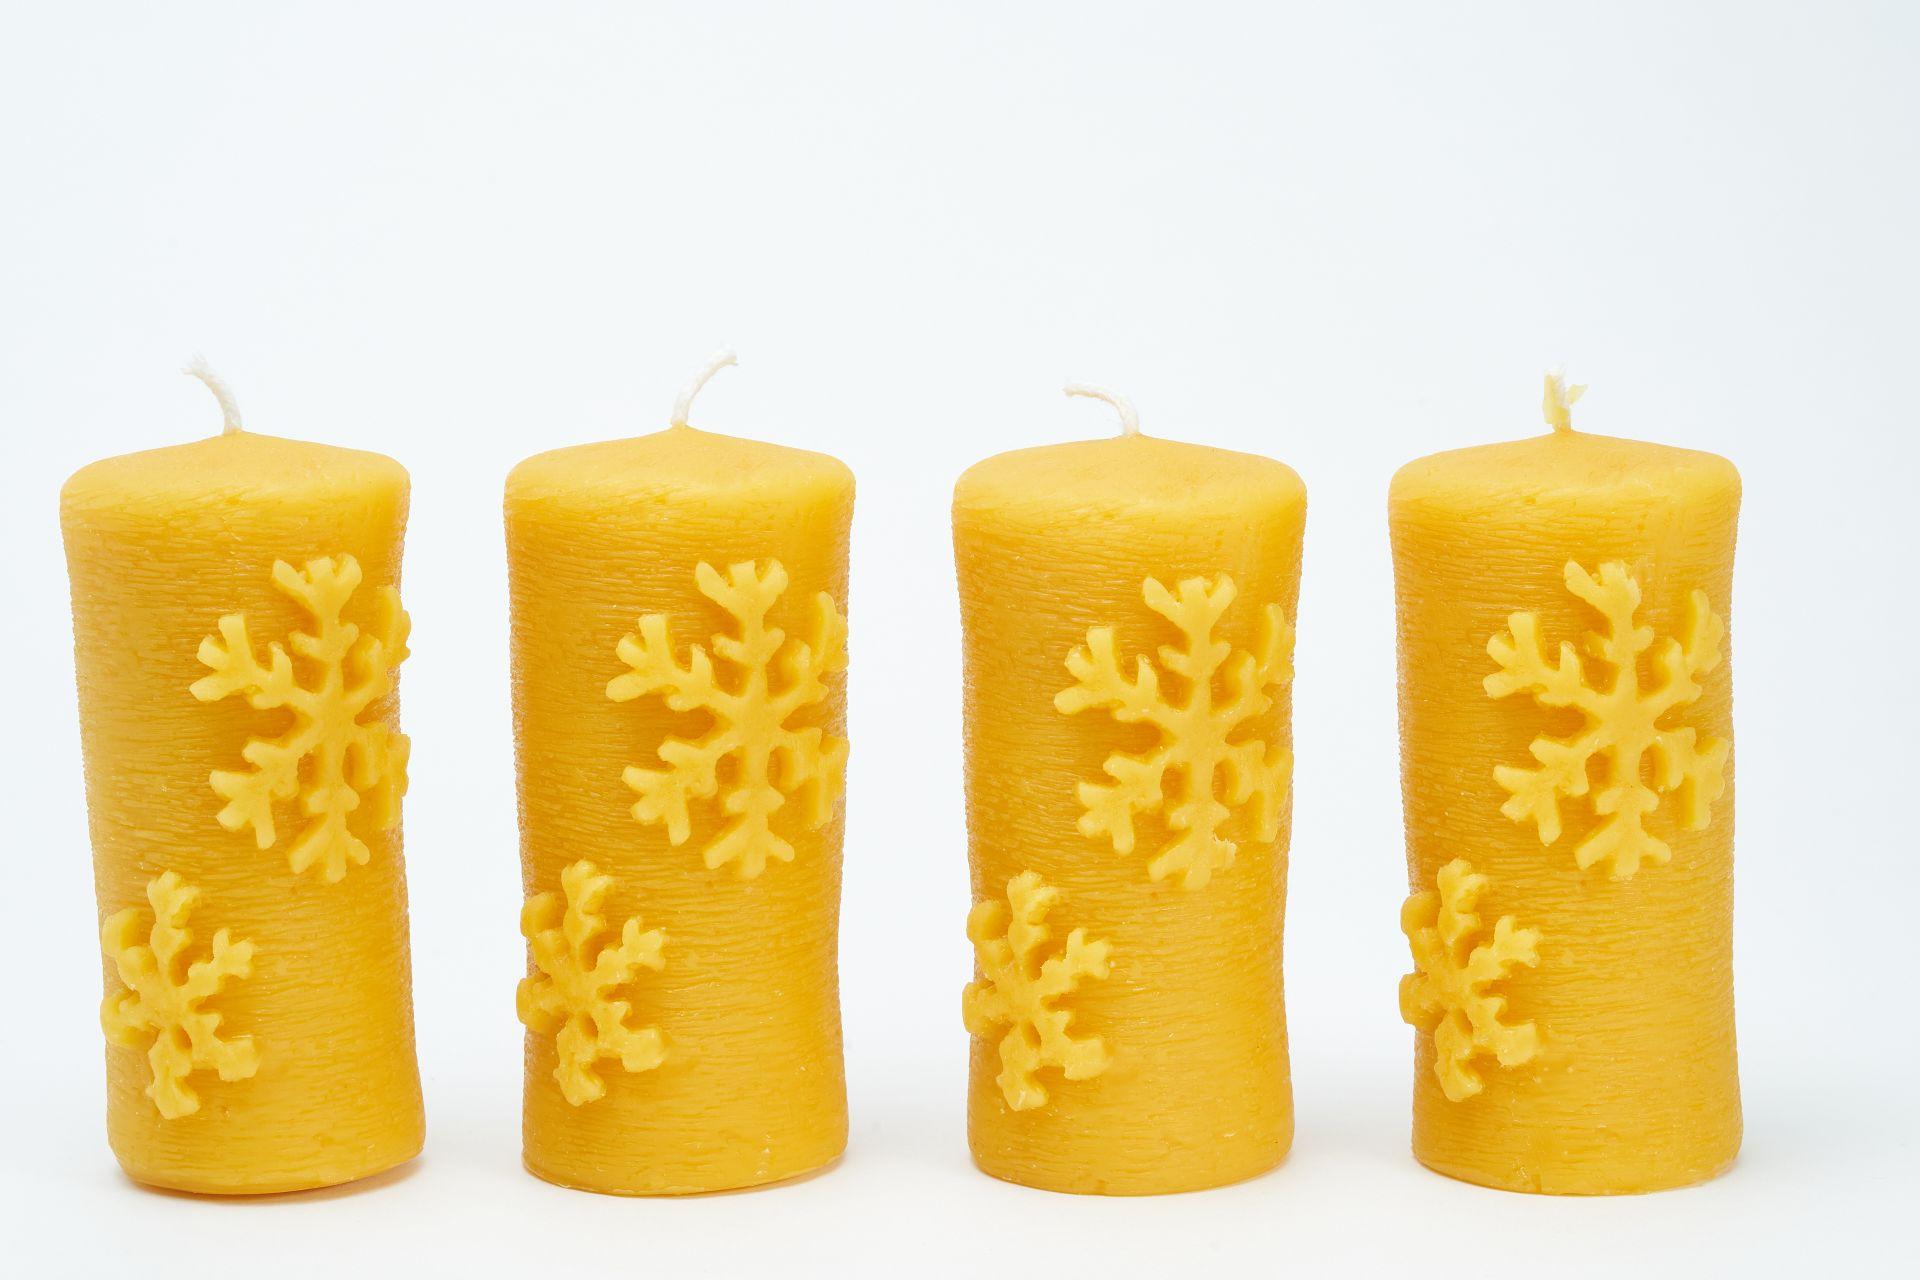 4 Stumpenkerzen mit Schneeflocke (ca. 10,5cm x 5cm) aus 100% Bienenwachs vom Imker